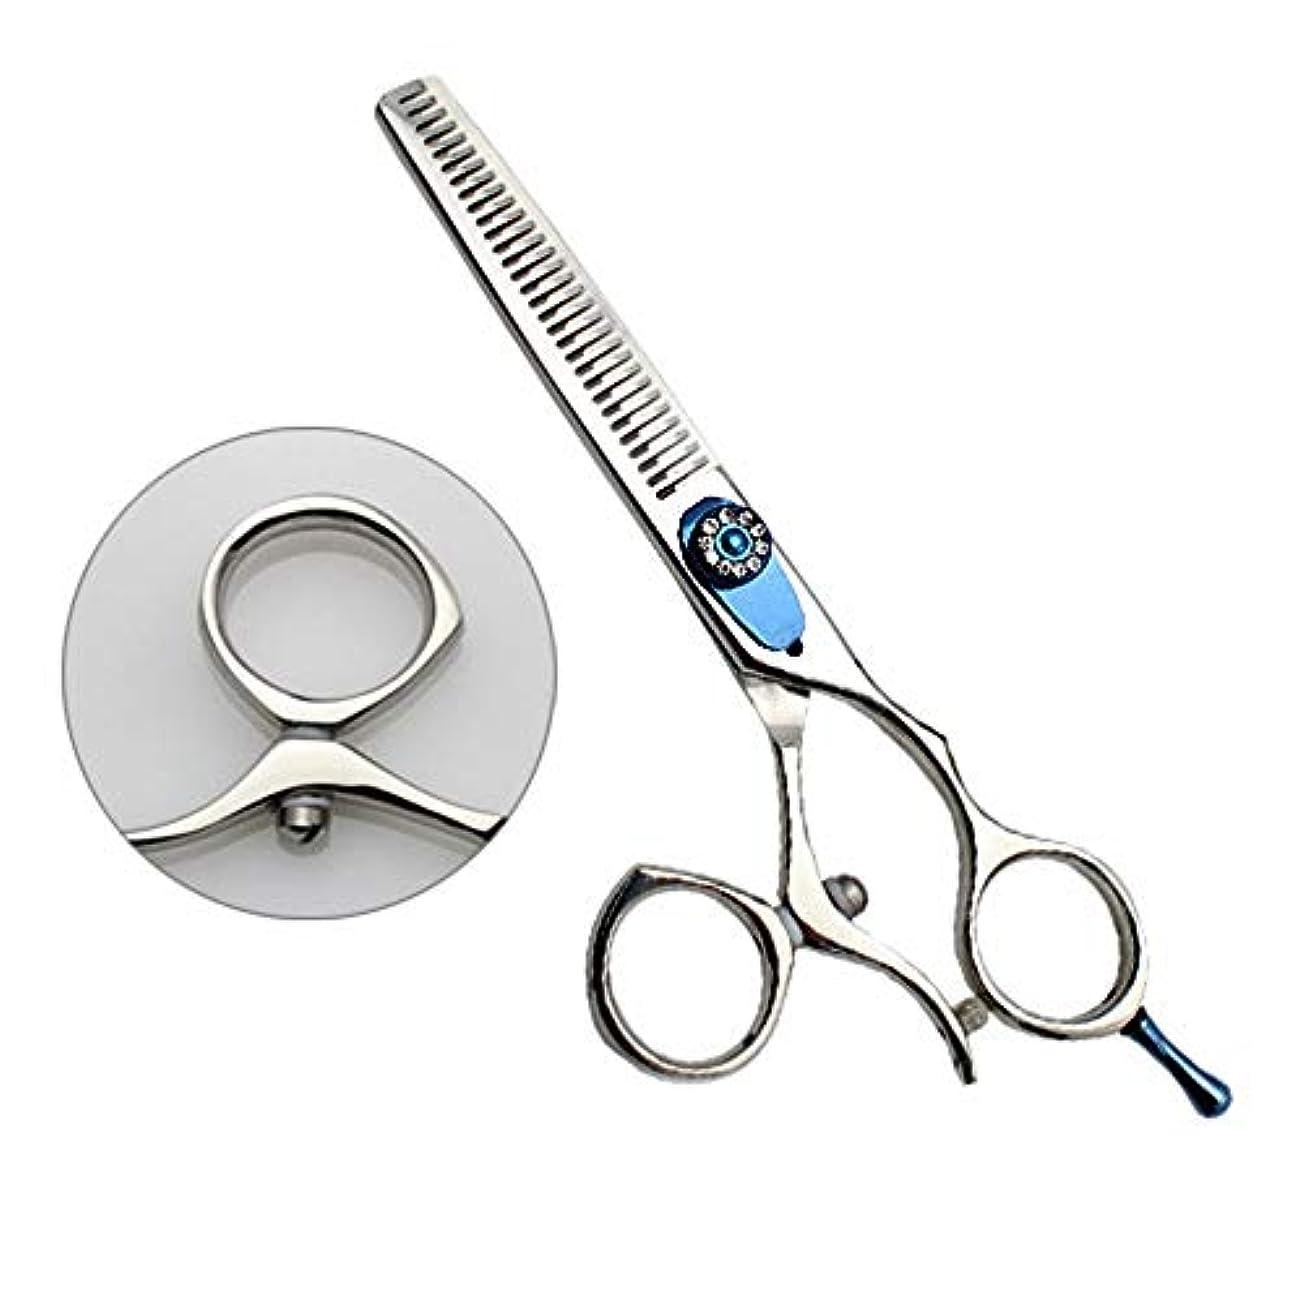 シェーバーアカデミックブルーベルJiaoran 6インチ美容院プロの理髪はさみ、歯はさみ回転リング (Color : Blue)